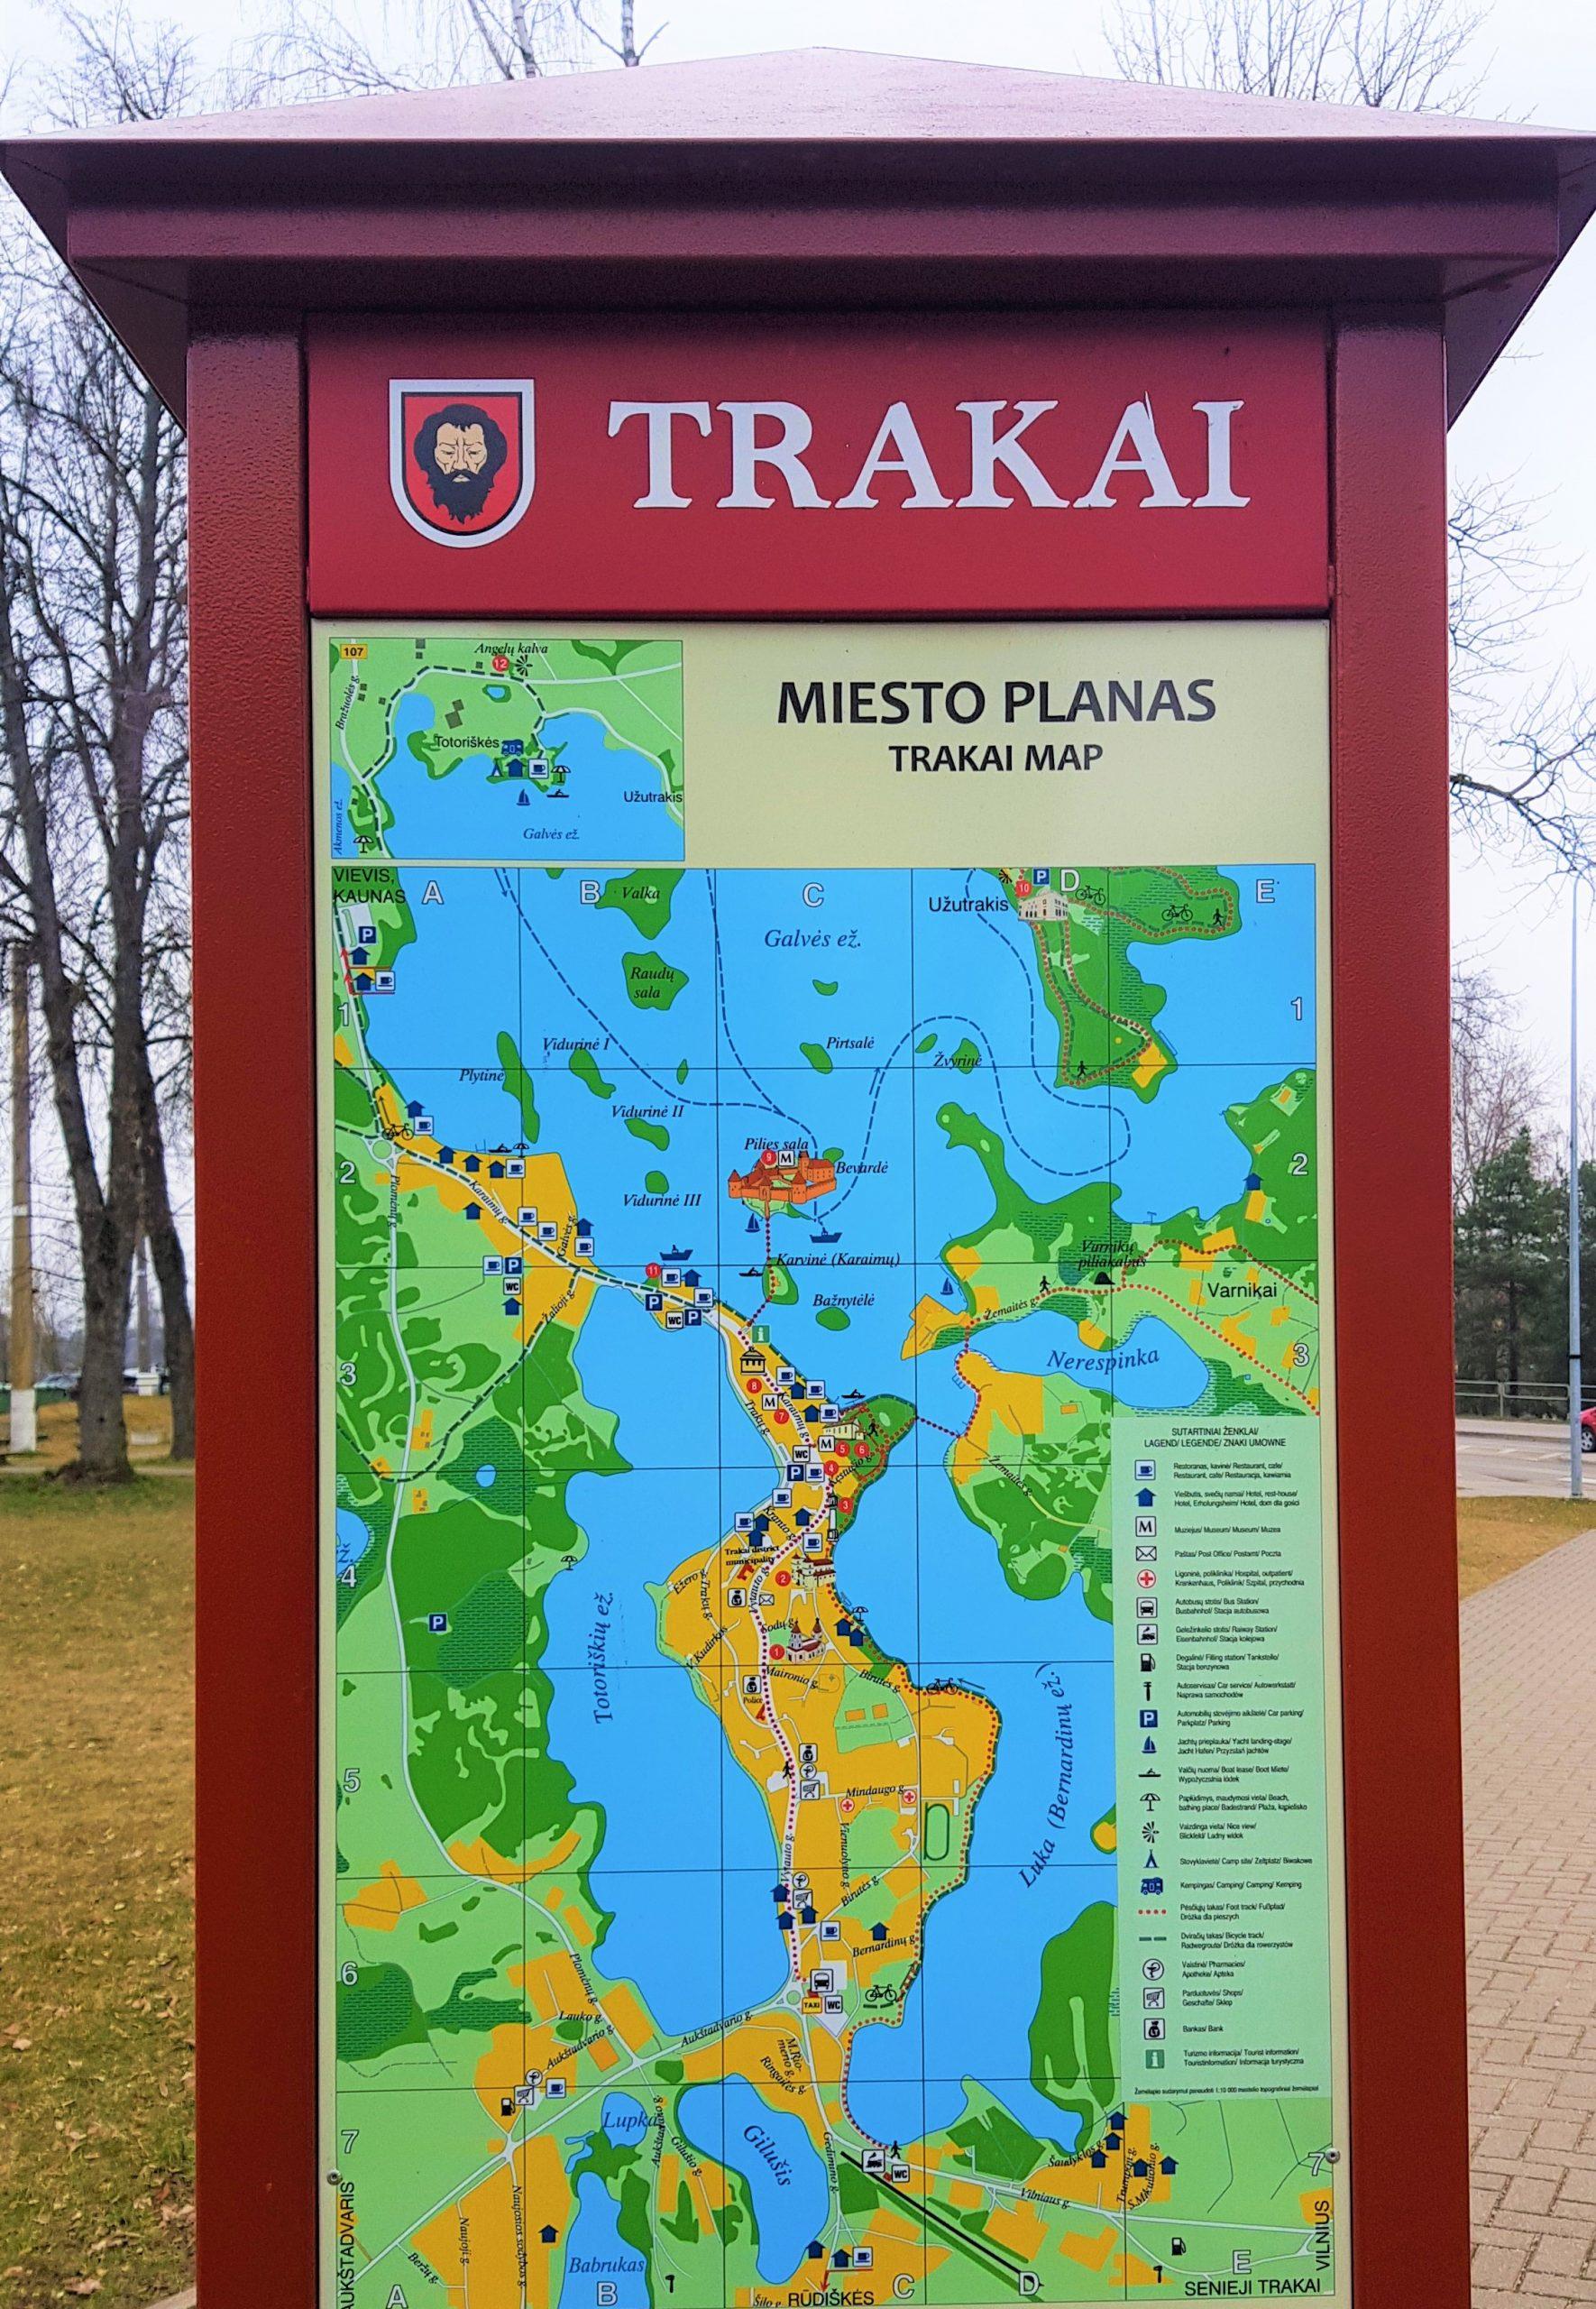 Mapa de la escapada al castillo de trakai